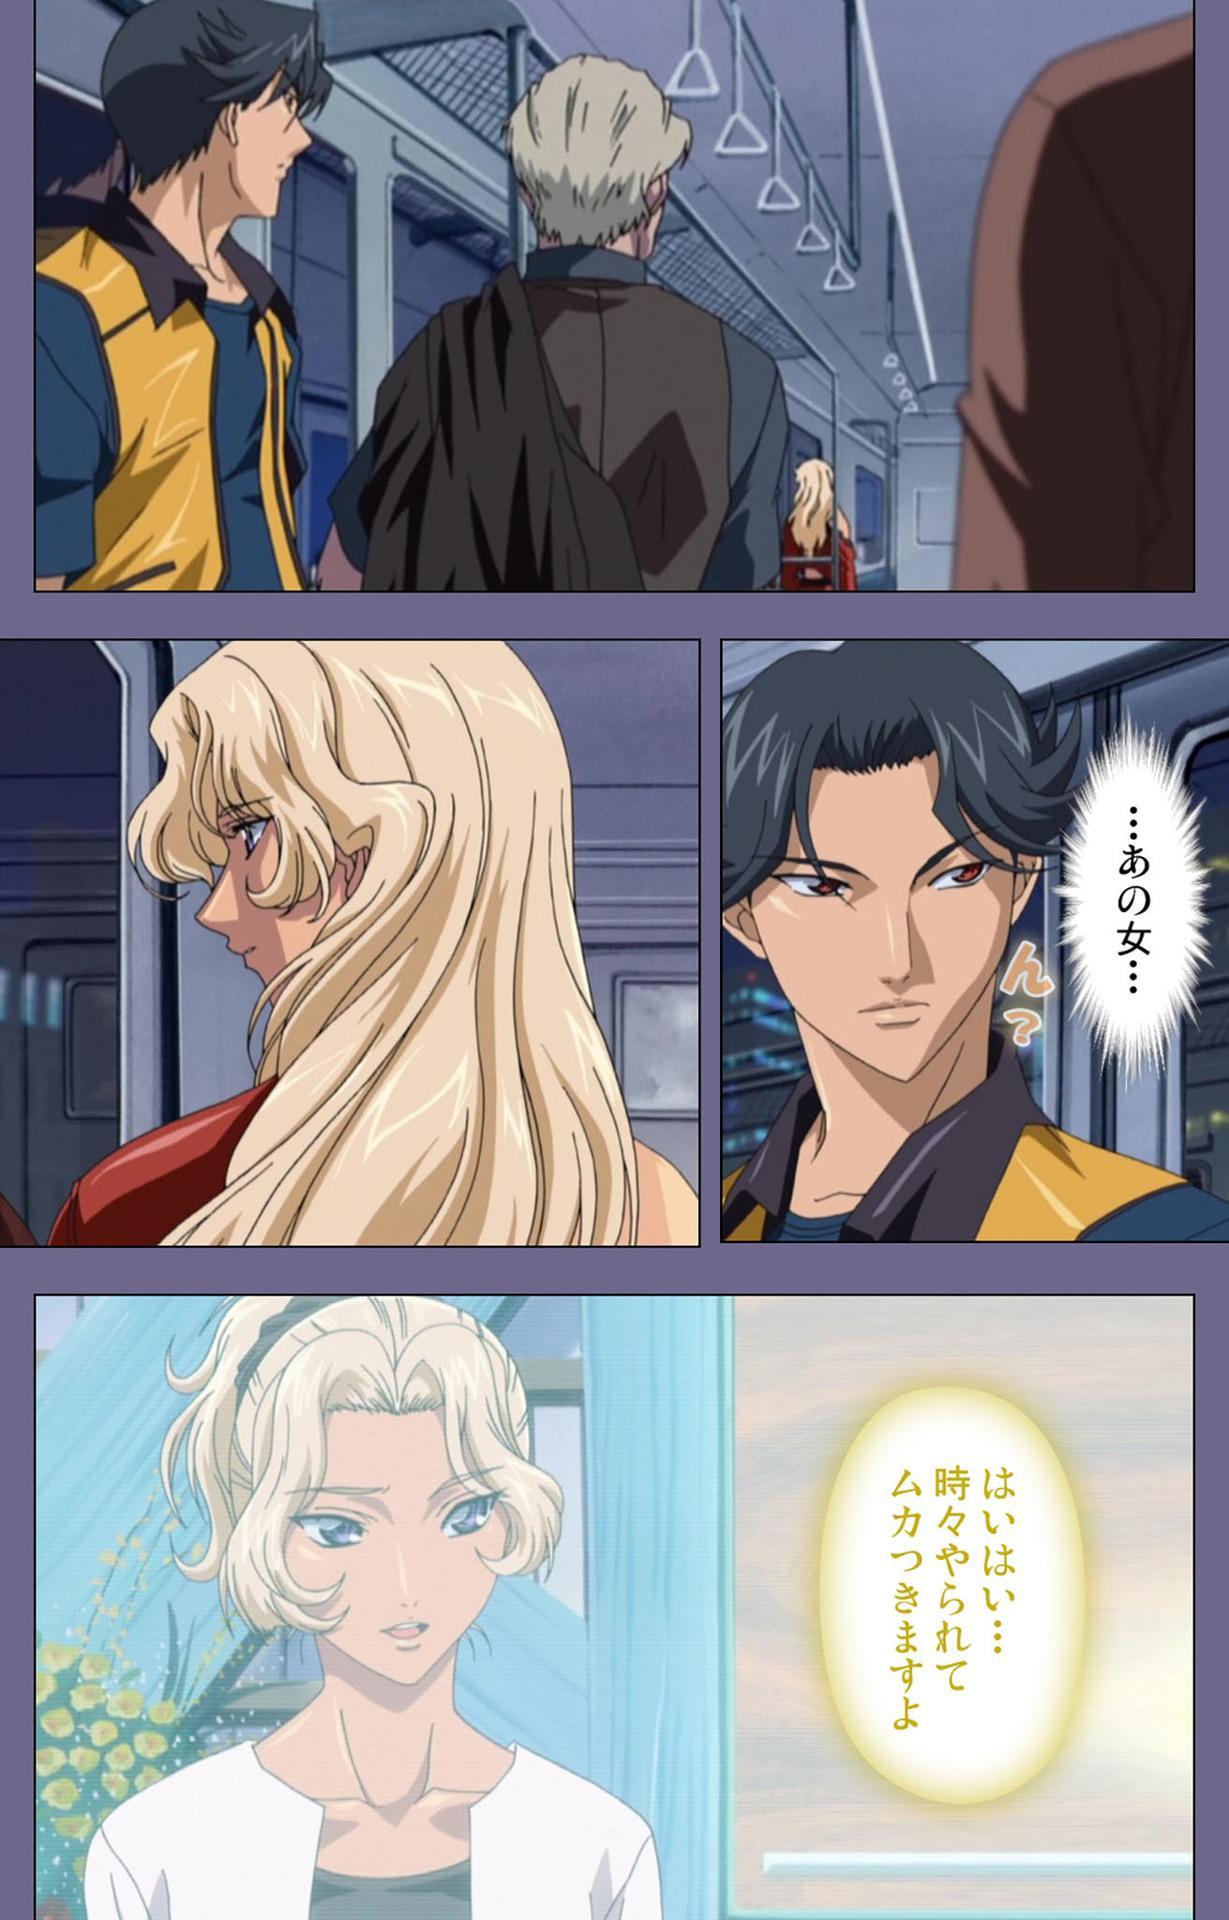 Itazura kanzenhan 88